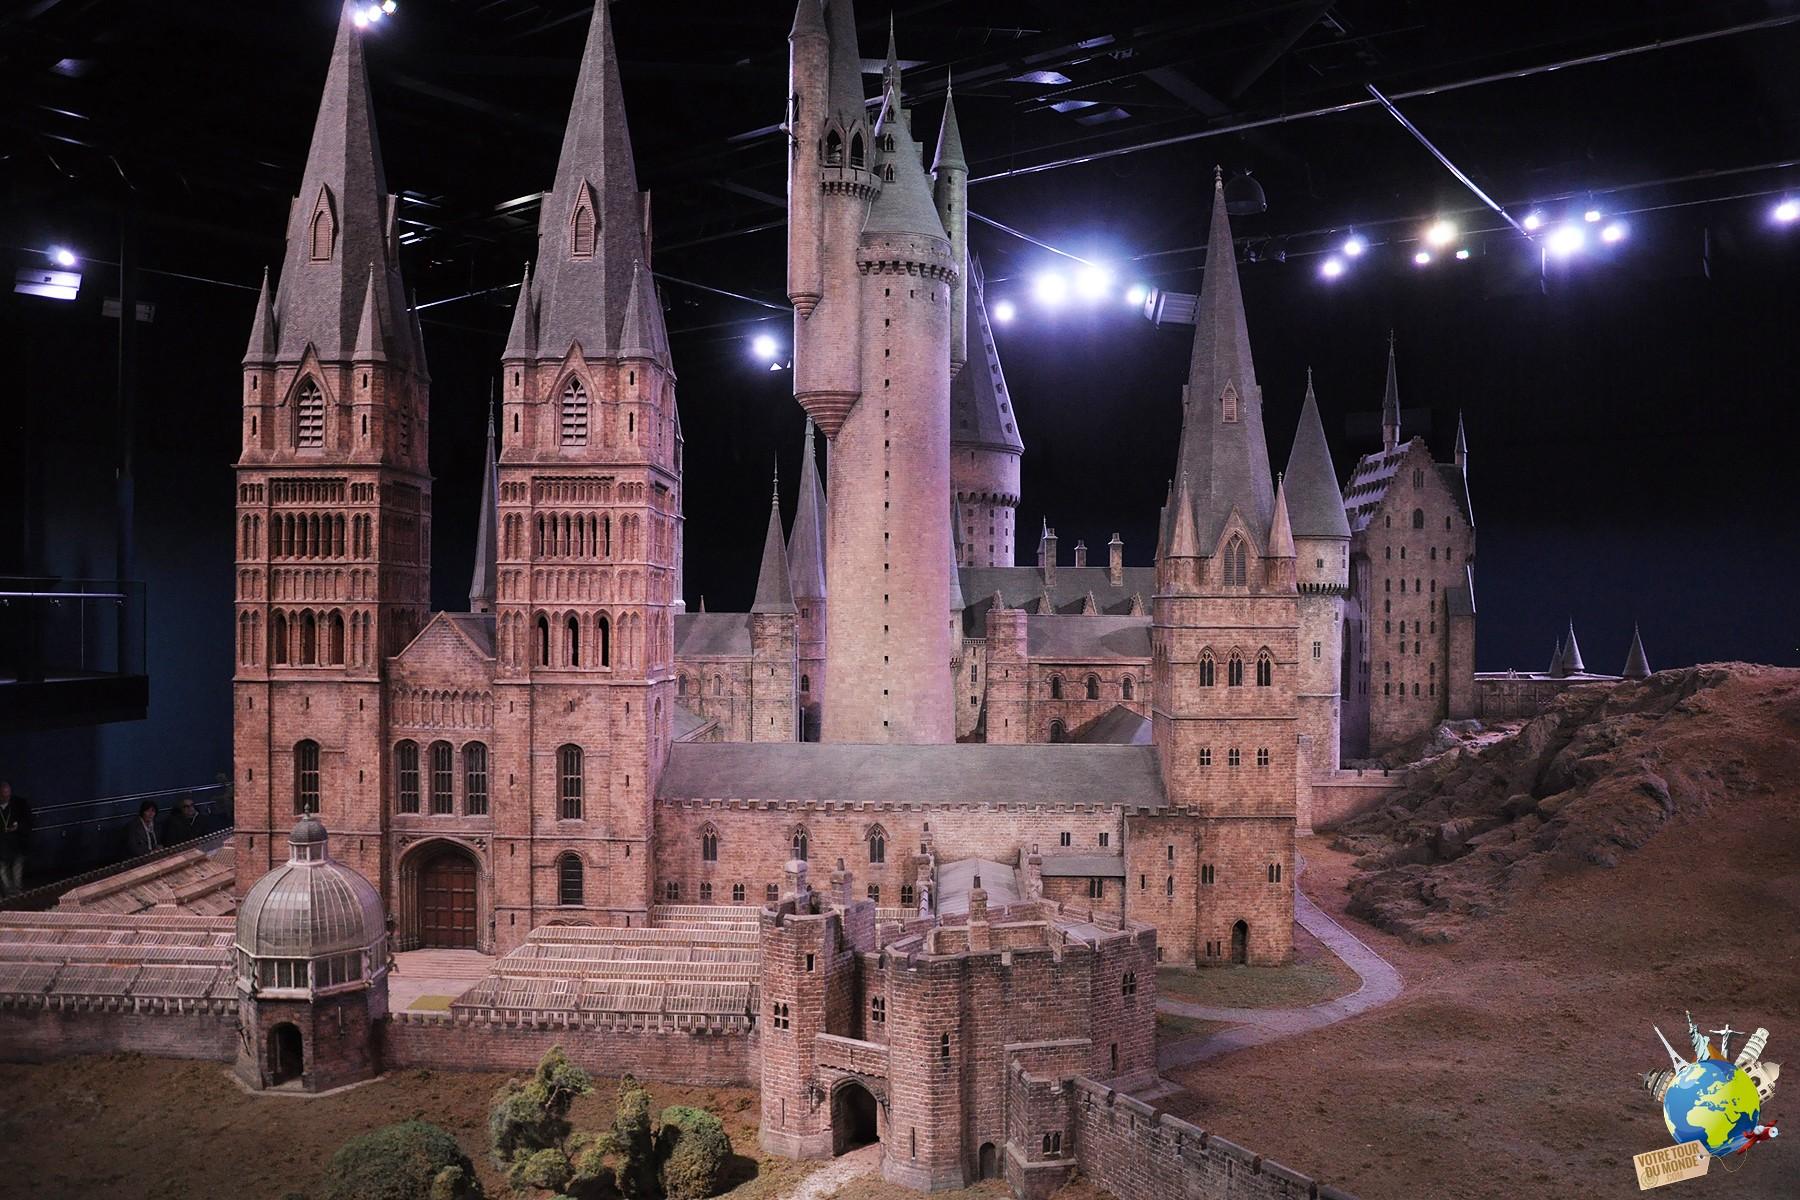 visiter poudlard, la celebre ecole d'Harry Potter